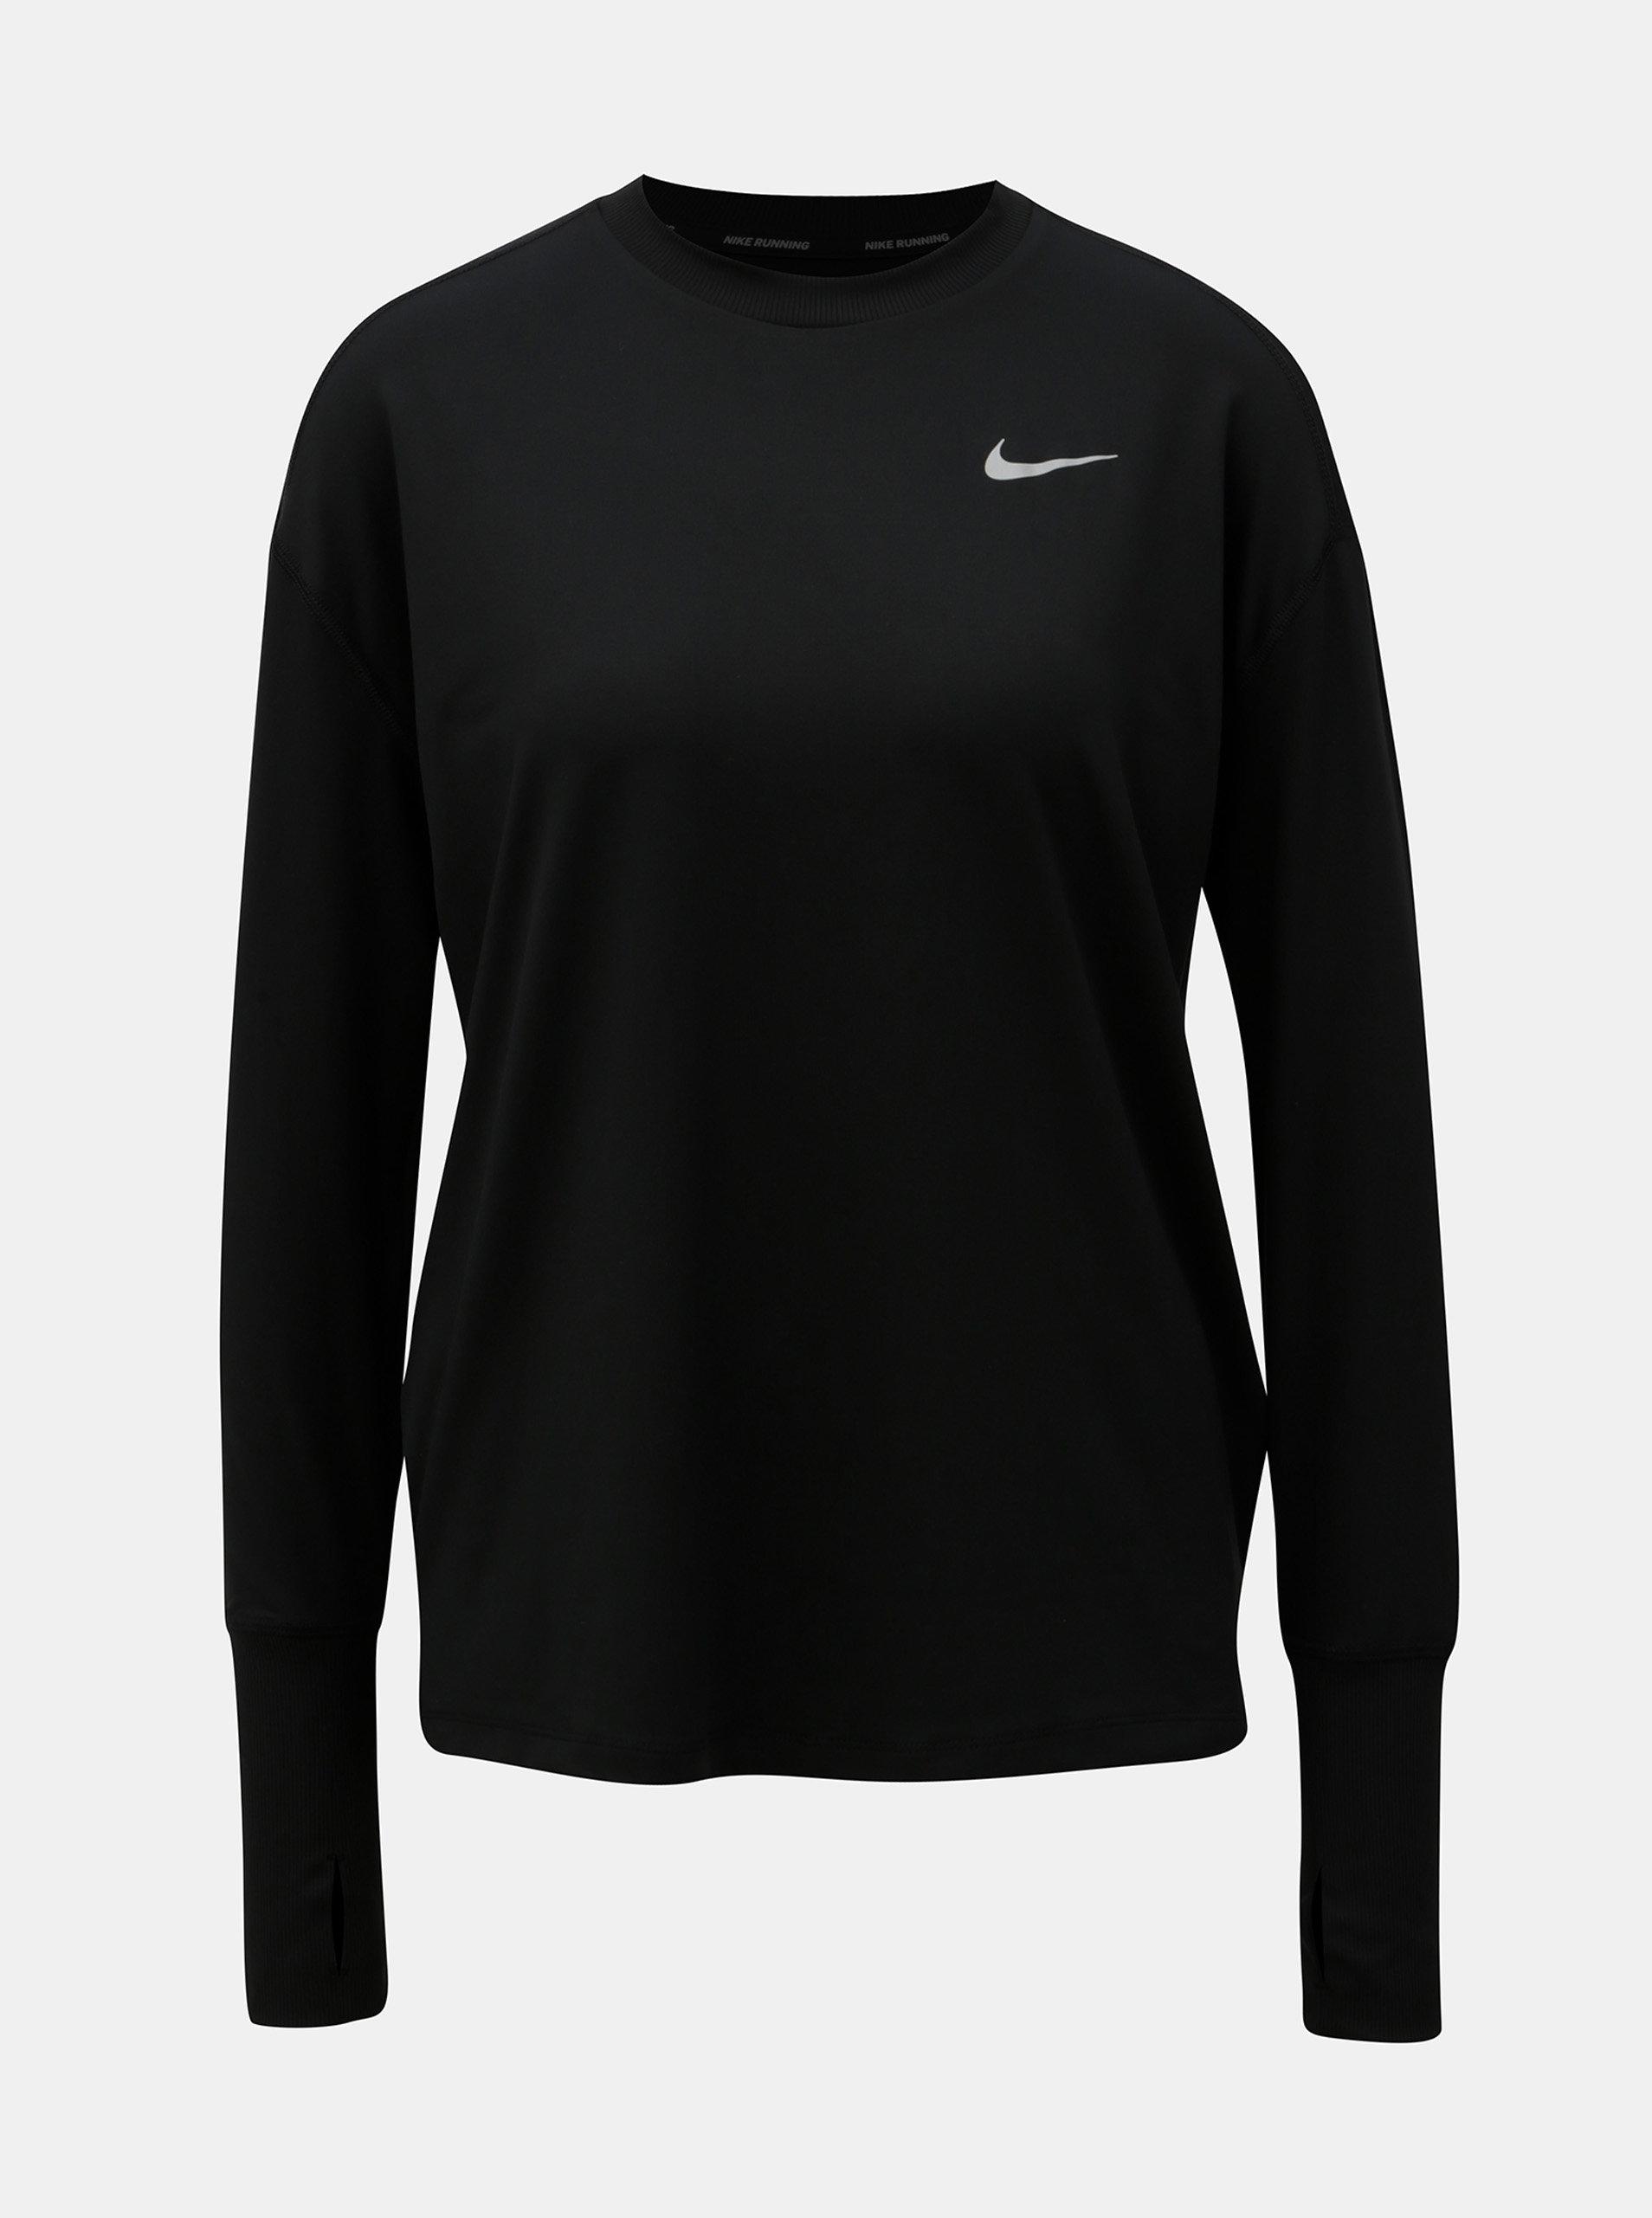 Čierne dámske funkčné tričko s dlhým rukávom Nike ... 476d54a2b9c